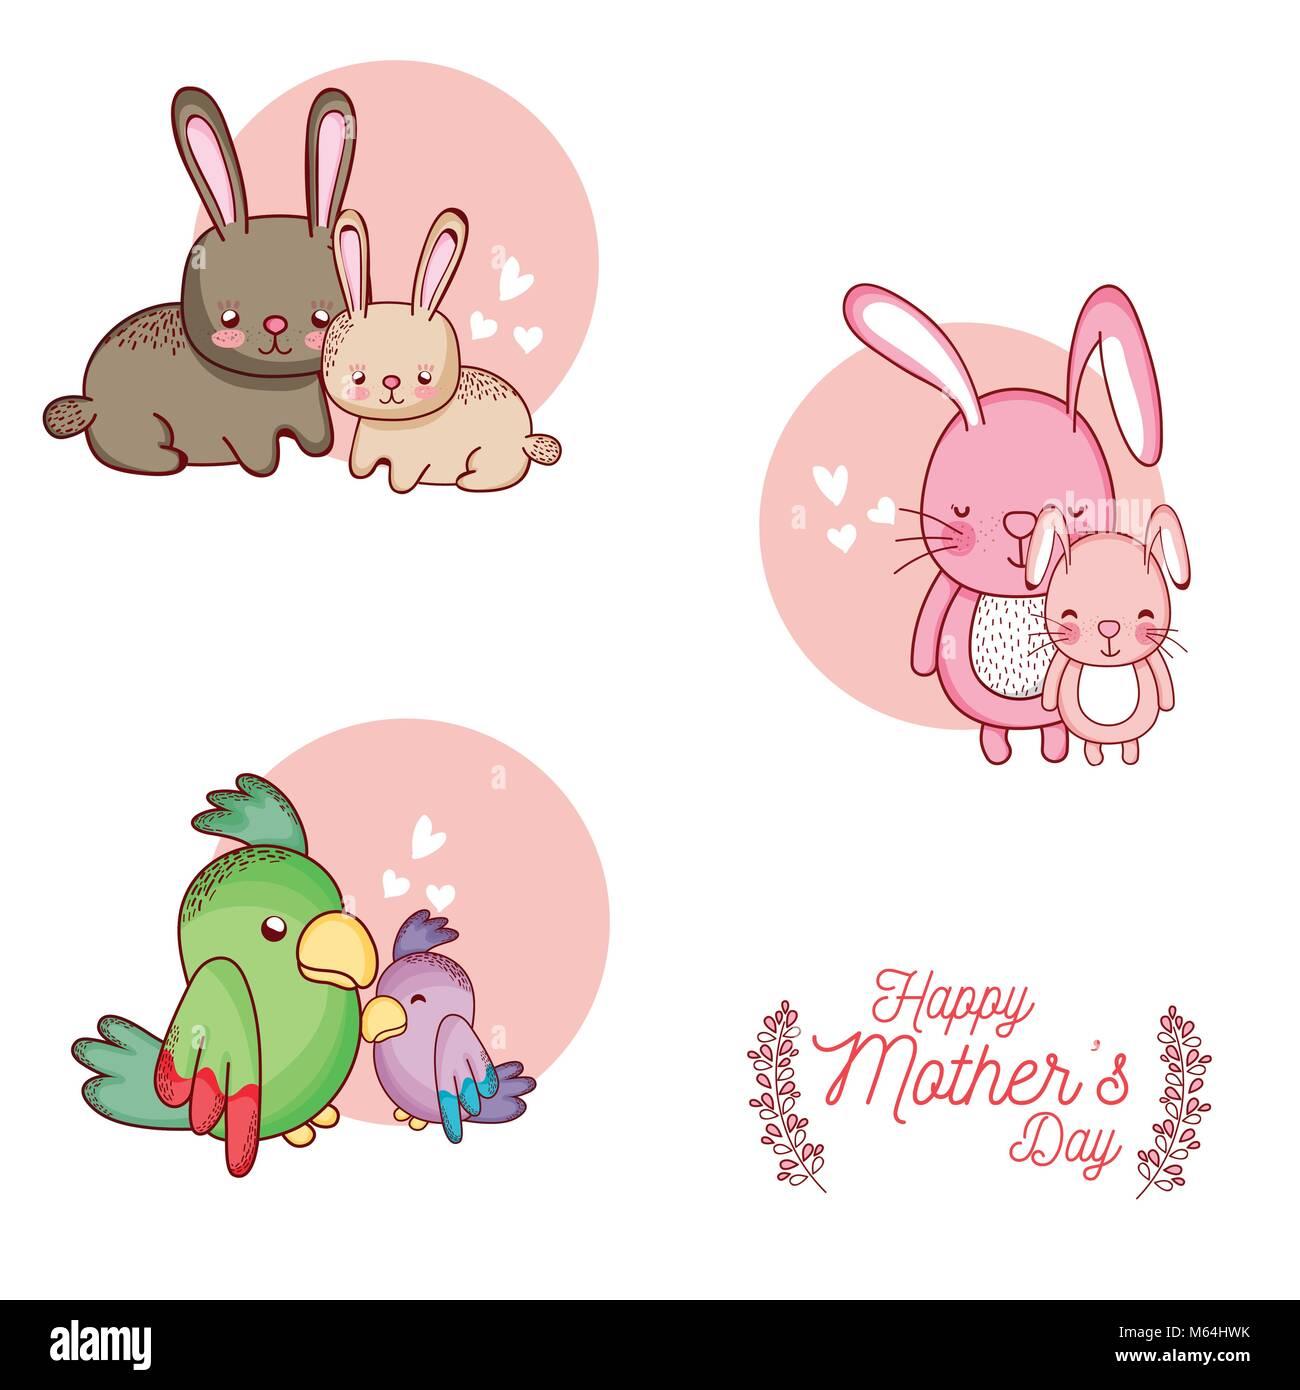 Feliz Día De La Madre Tarjeta Con Animalitos Dibujos